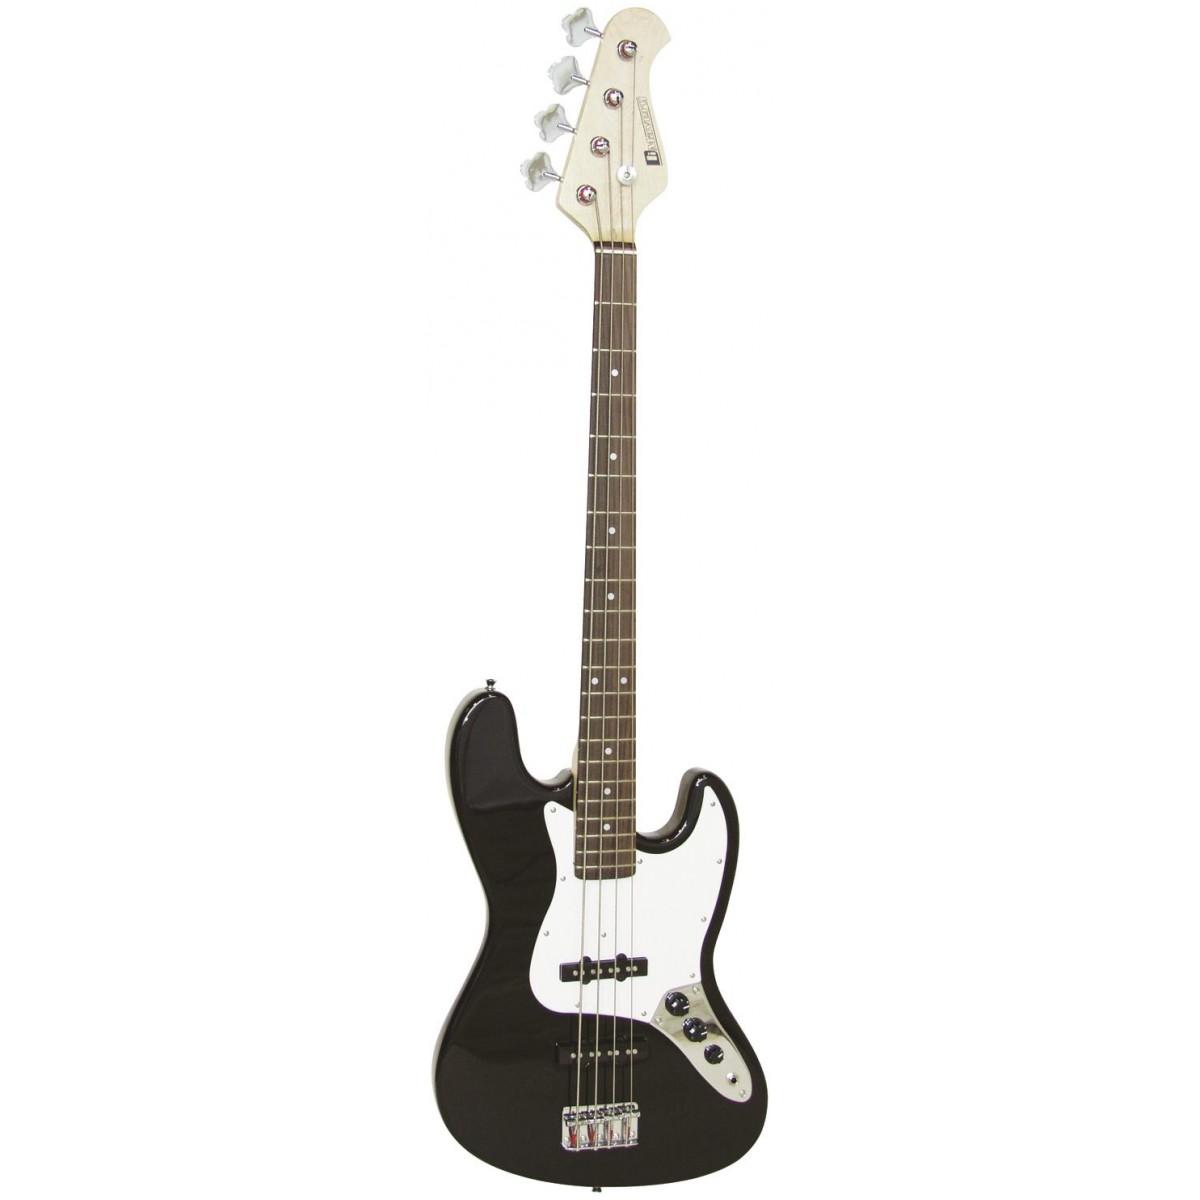 Dimavery JB-302, baskytara elektrická, černá